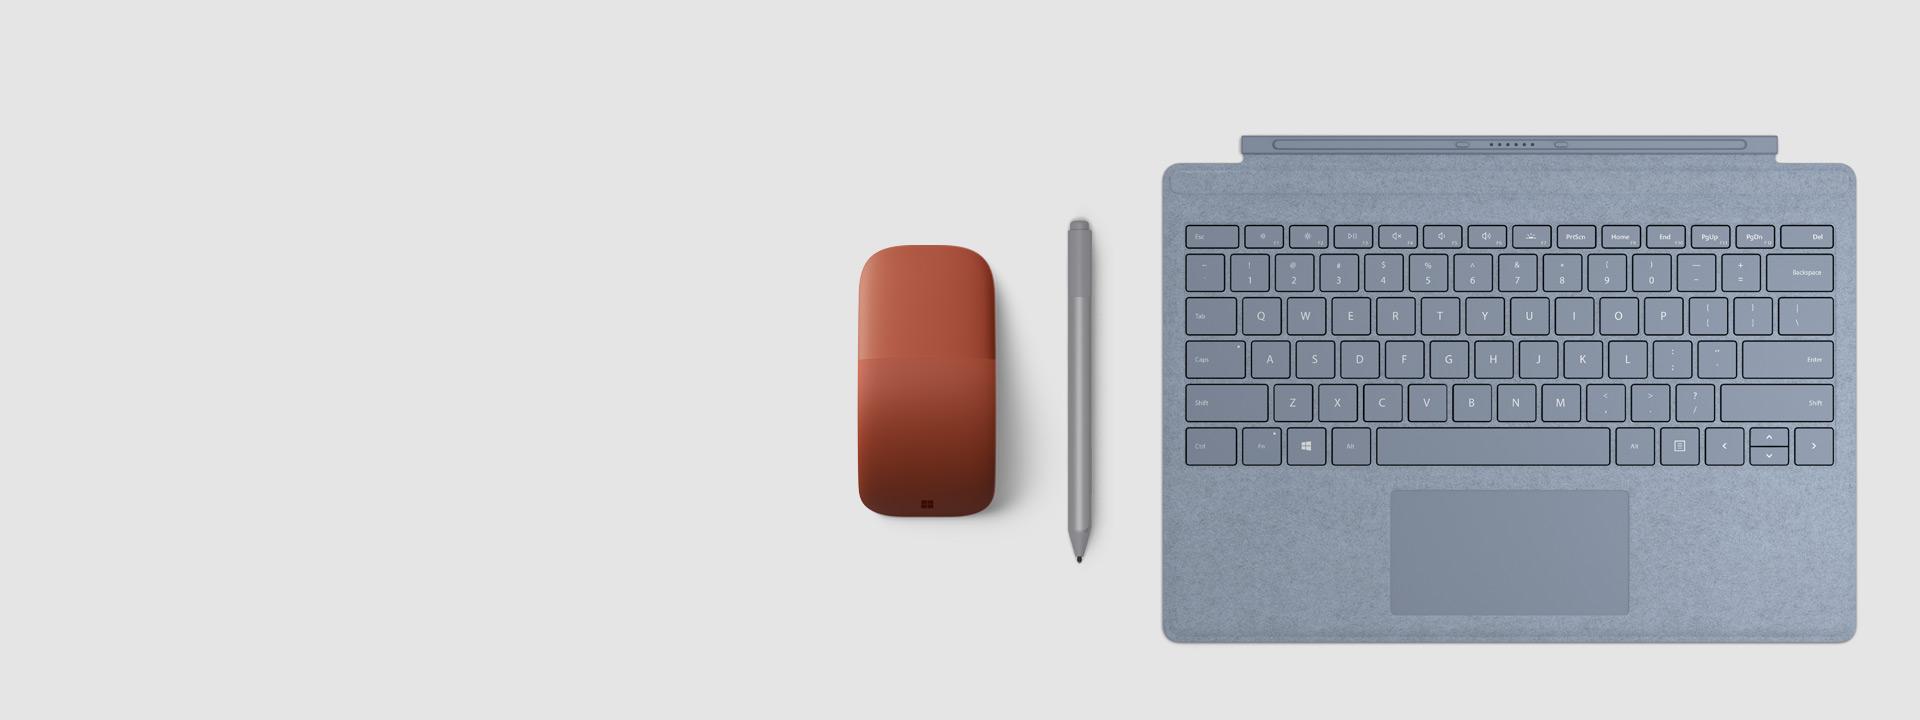 Stylet pour Surface, clavier Signature Type Cover pour Surface et Souris Surface Arc.